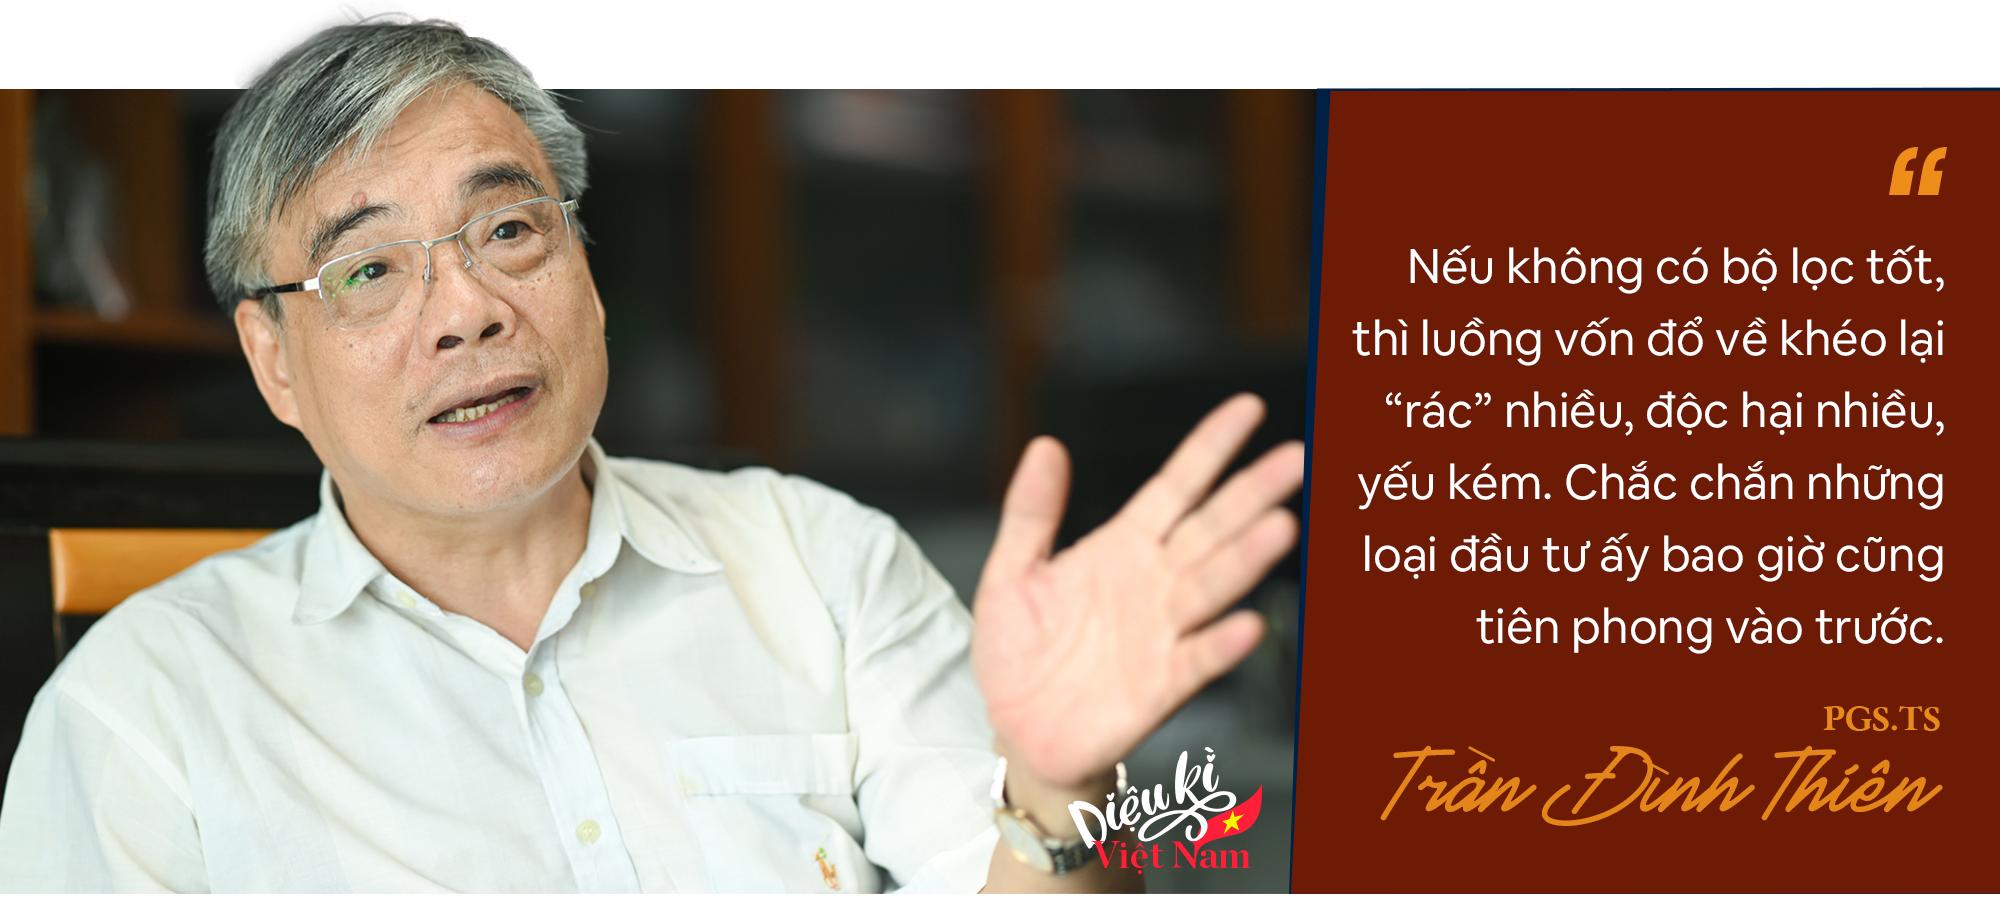 PGS.TS Trần Đình Thiên: Phải coi Vingroup, Thaco… là những tập đoàn lãnh sứ mệnh quốc gia chứ không chỉ tài sản riêng của ông nọ, ông kia! - Ảnh 6.